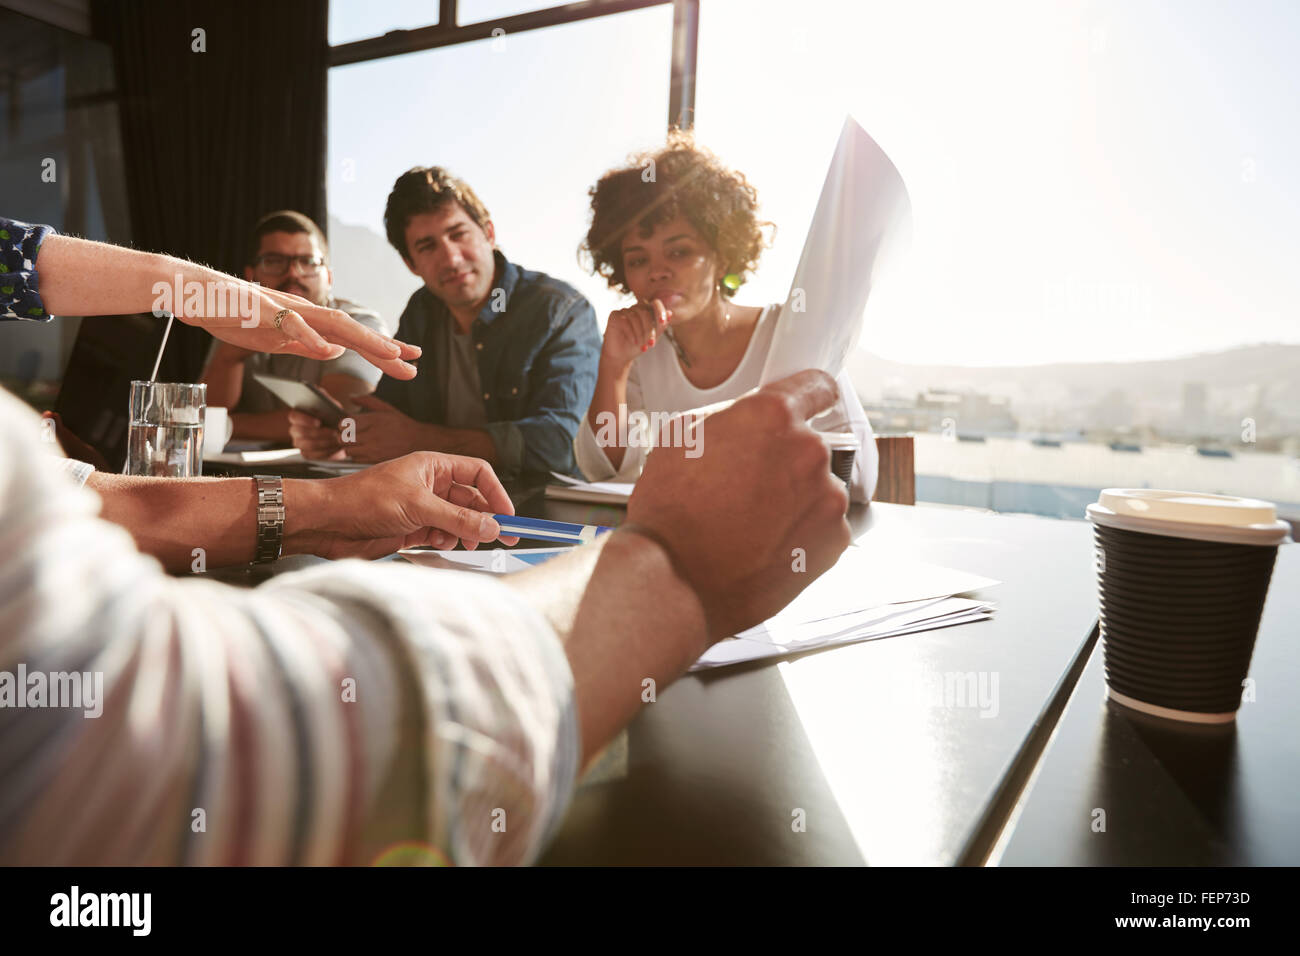 Mains de jeune homme et femme expliquant plan d'affaires pour les collègues, équipe de création Photo Stock